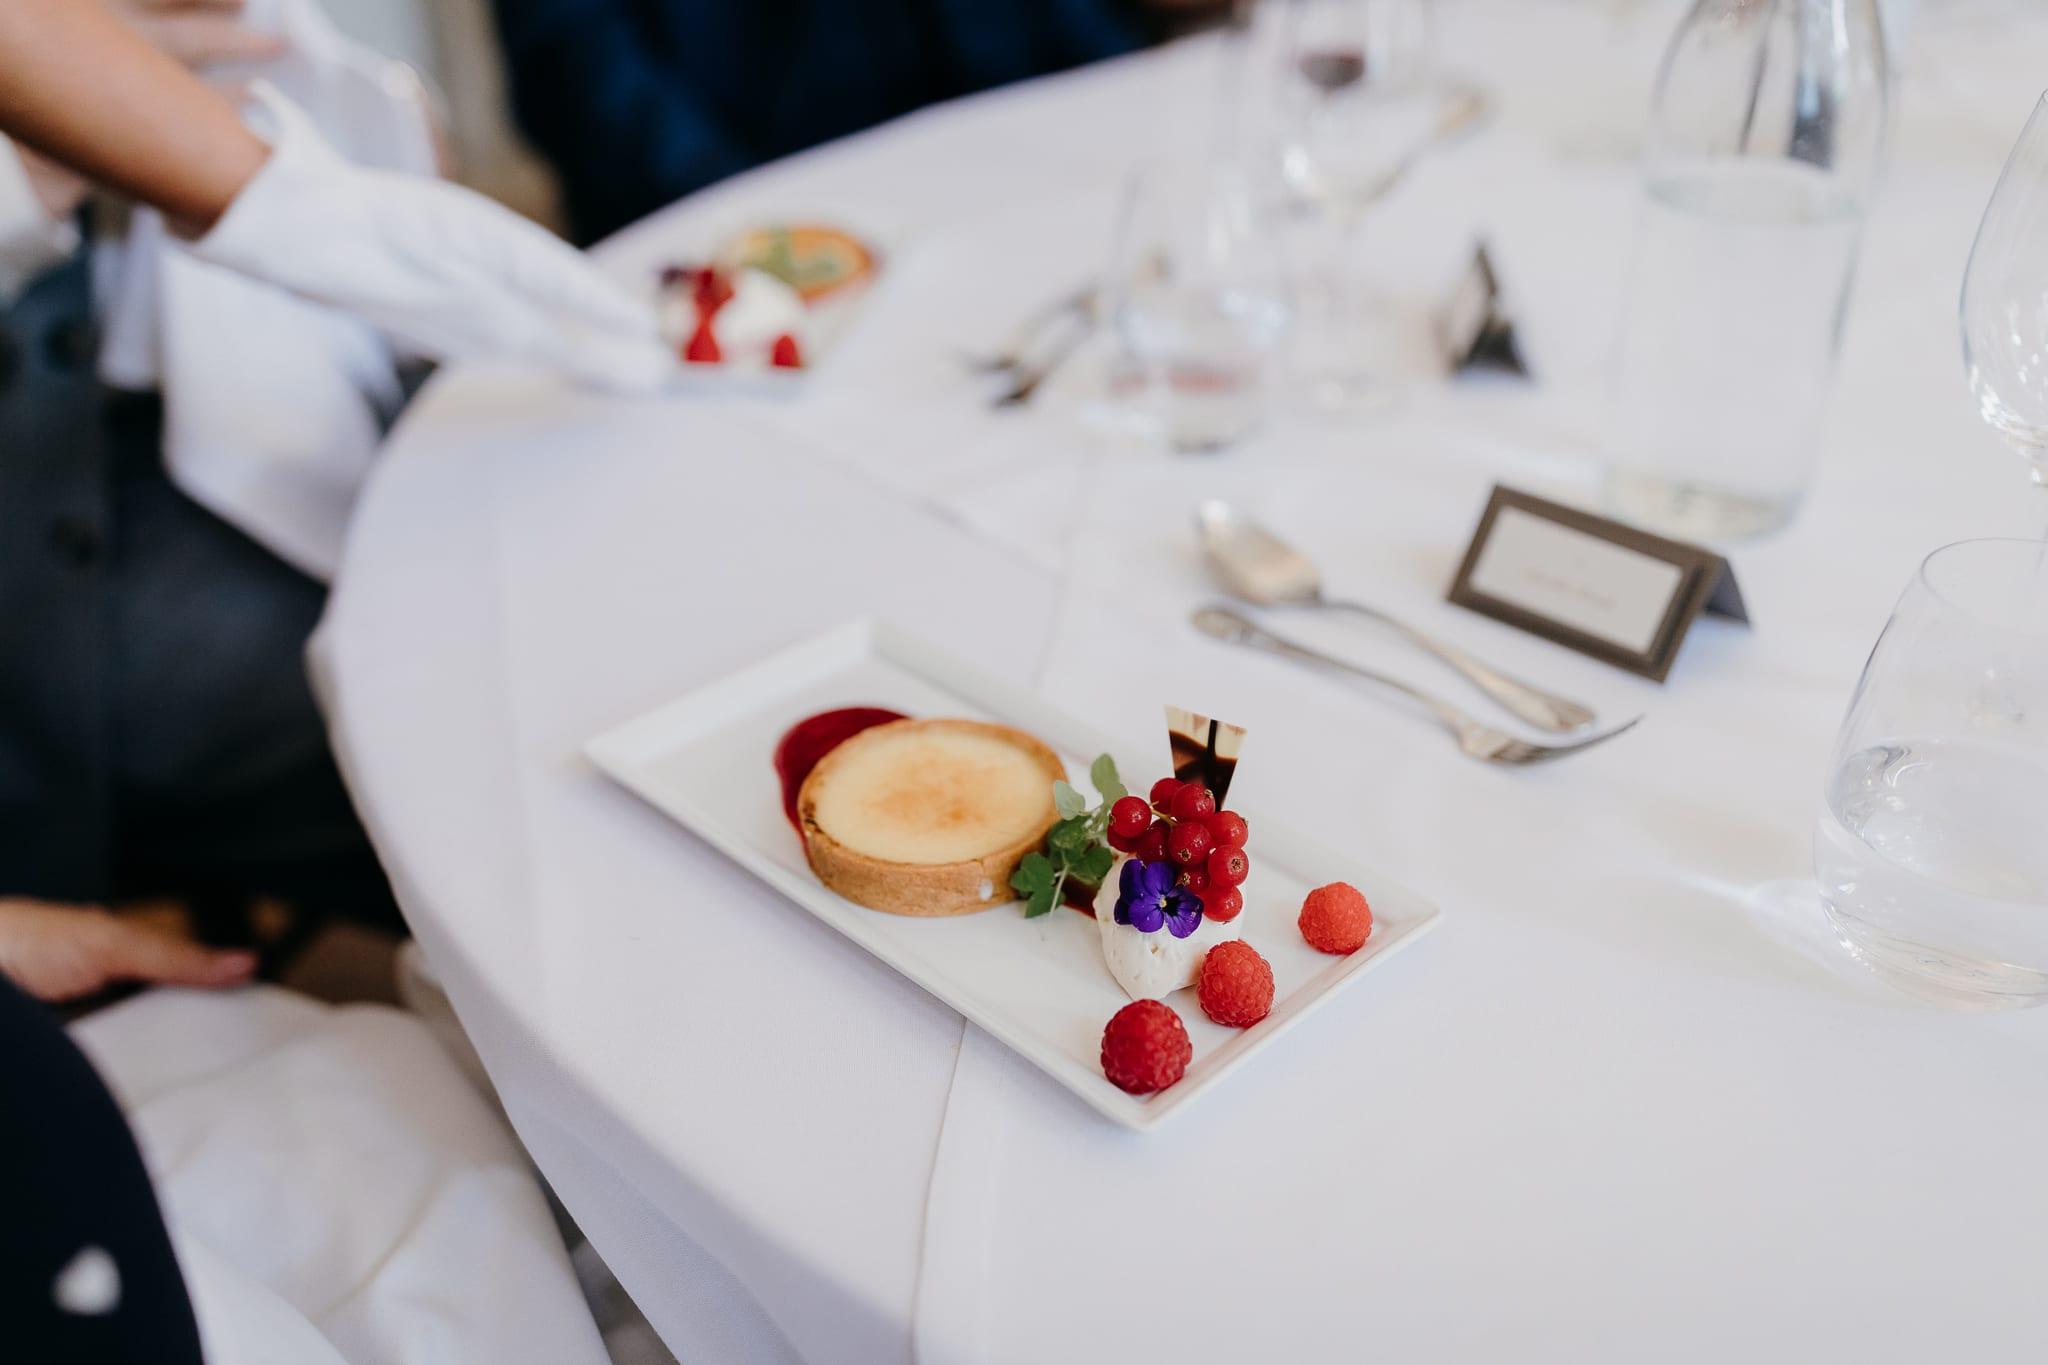 Wedding dessert ideas at Farnham Castle in Surrey